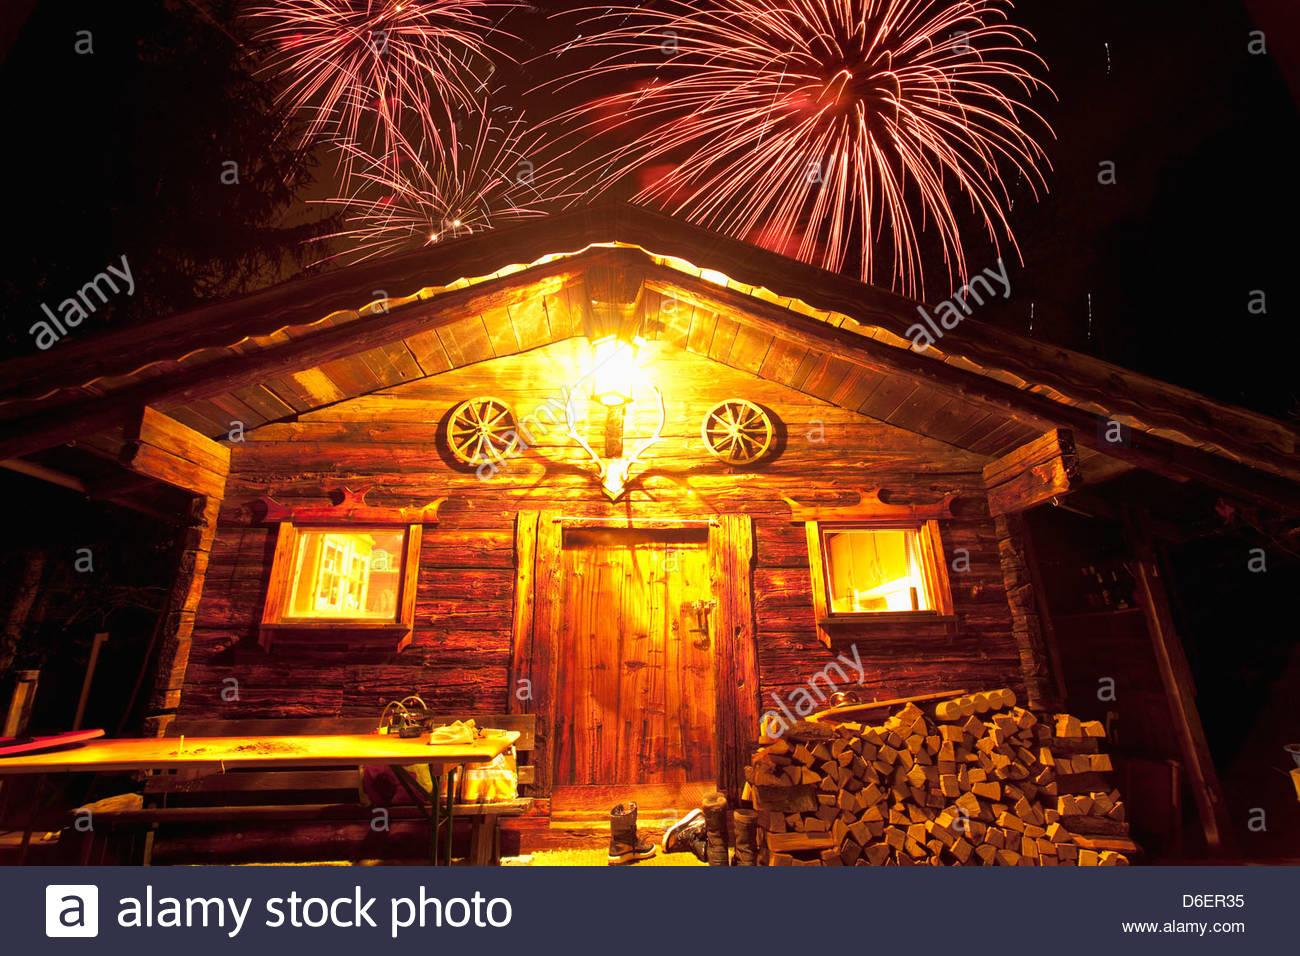 new-year-log-cabin-stumm-village-zillert